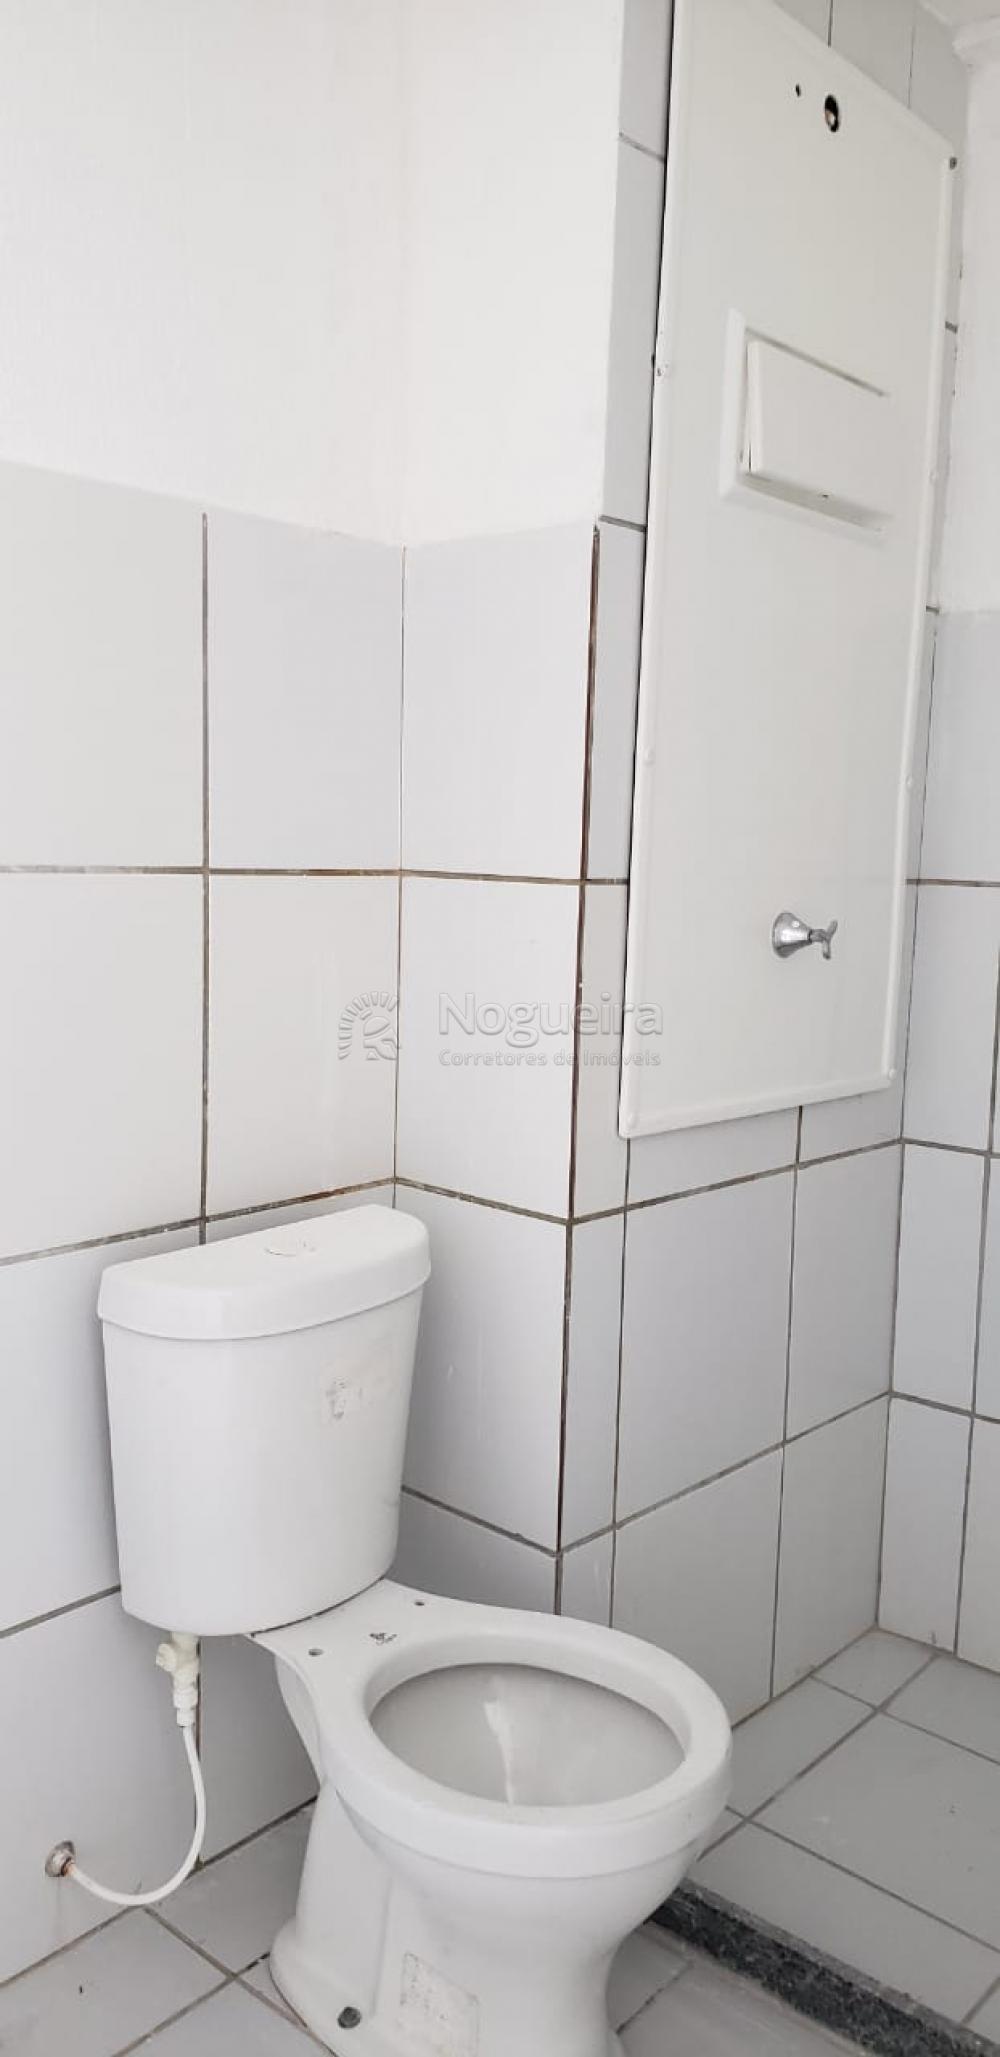 Excelente apartamento em andar alto no bairro de Campo Grande, super ventilado! O imóvel possui sala para 2 ambientes, 2 quartos sendo 1 suíte, banheiro social, cozinha e área de serviço.